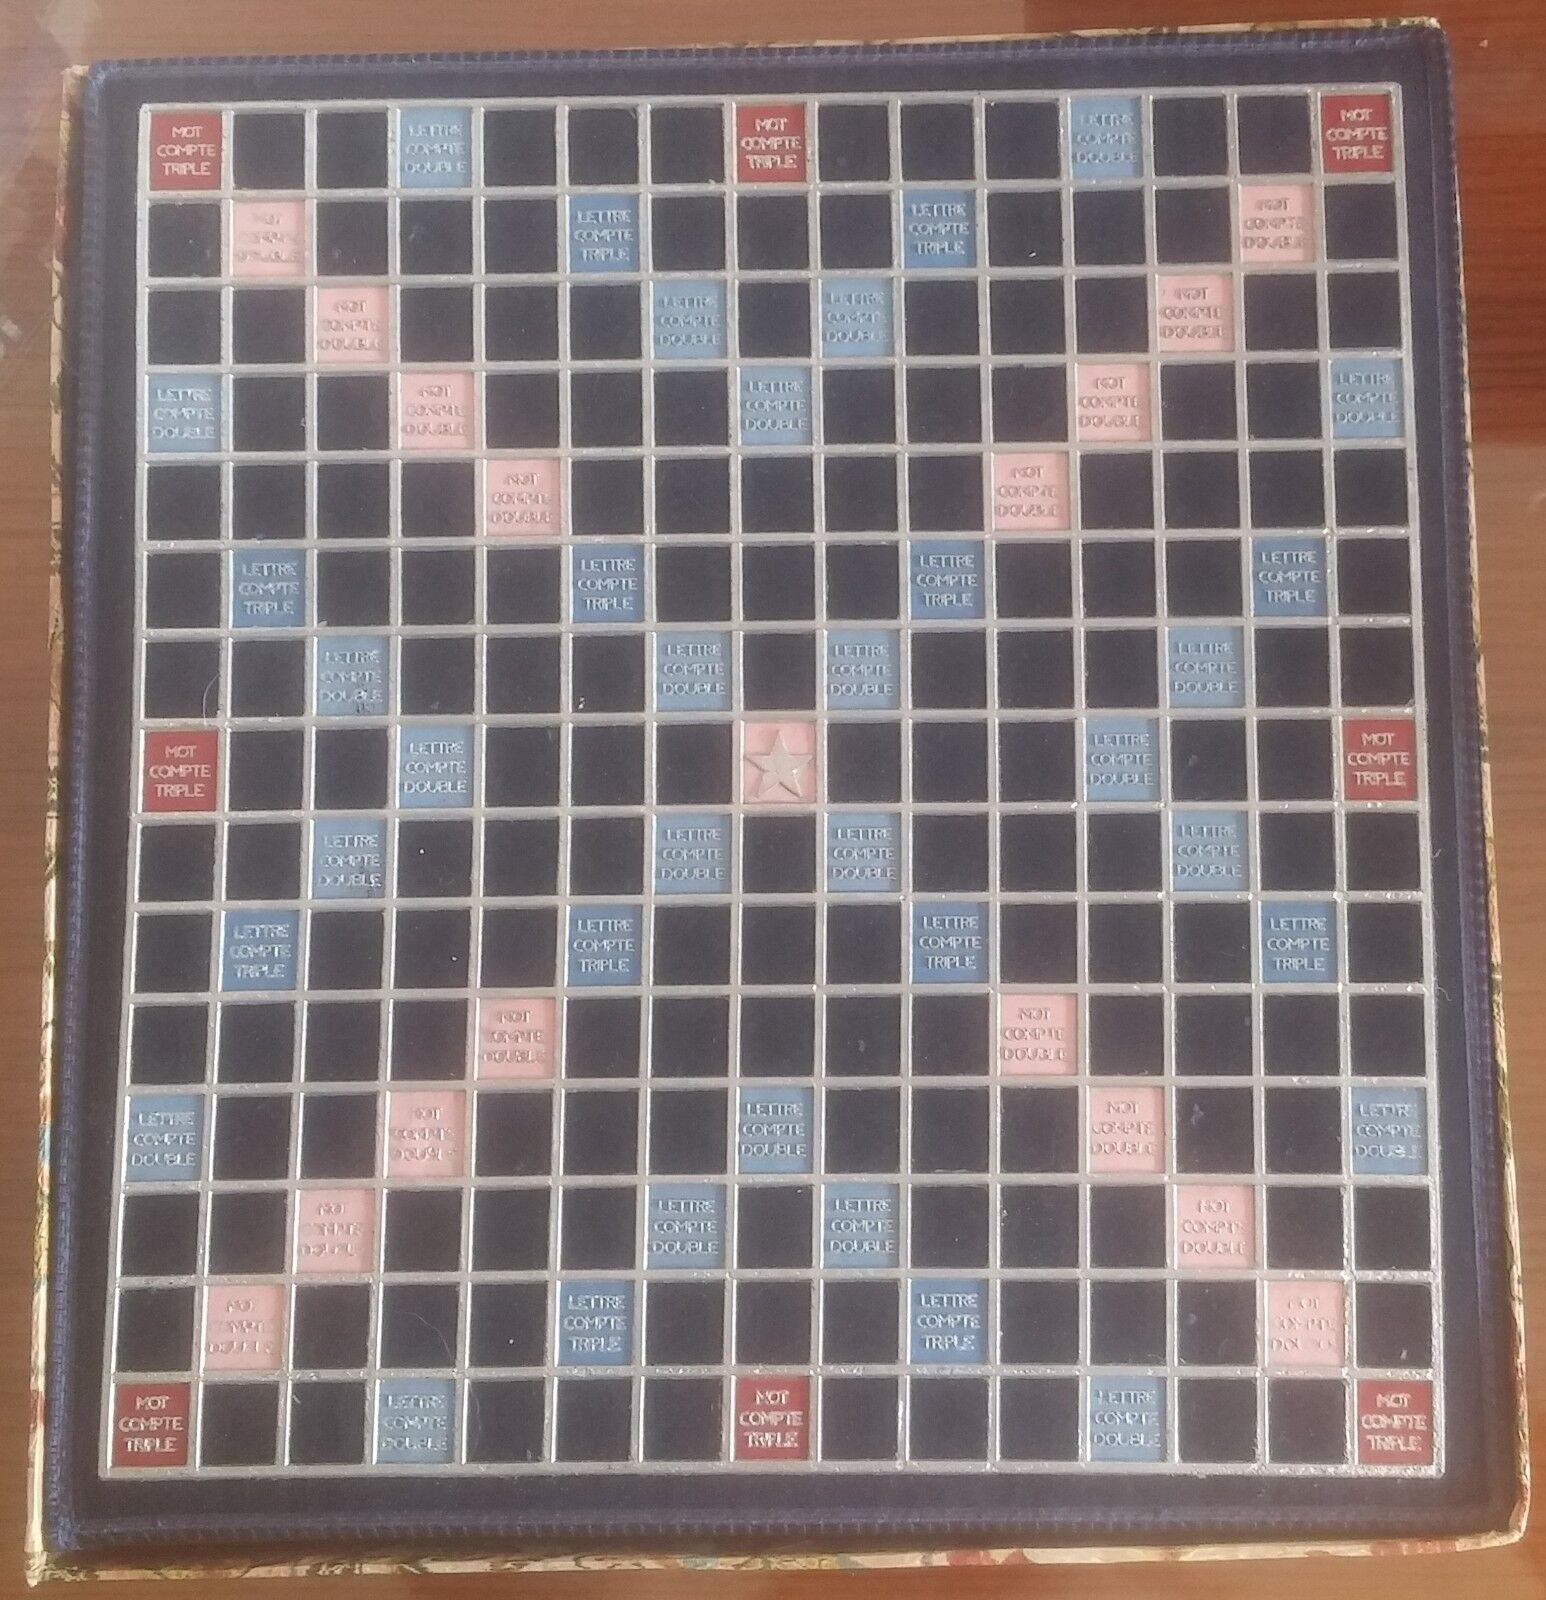 Jeu de société Scrabble Scrabble Scrabble de Luxe - Smir France - Plateau tournant - Tapisserie ef9379